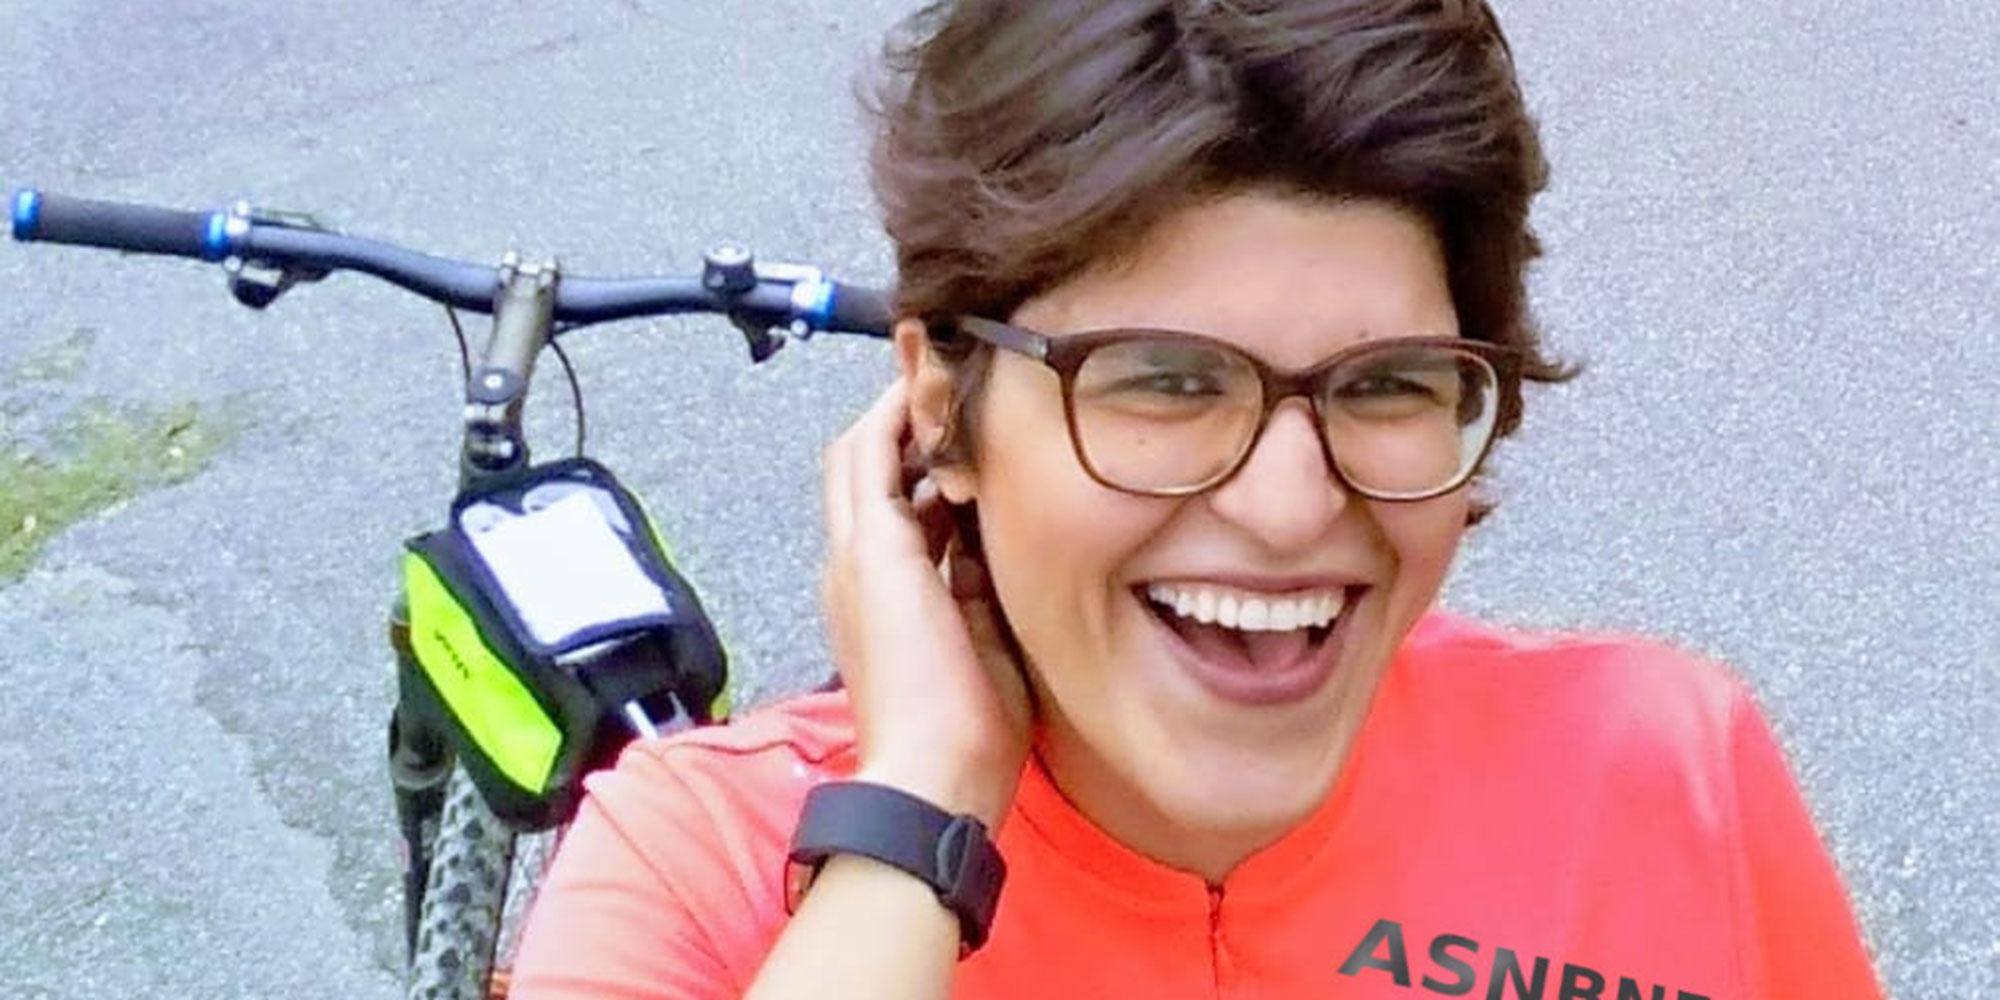 Marathon de Paris : l'Iranienne Sanaz Hajjami court pour financer des bourses au Bénin